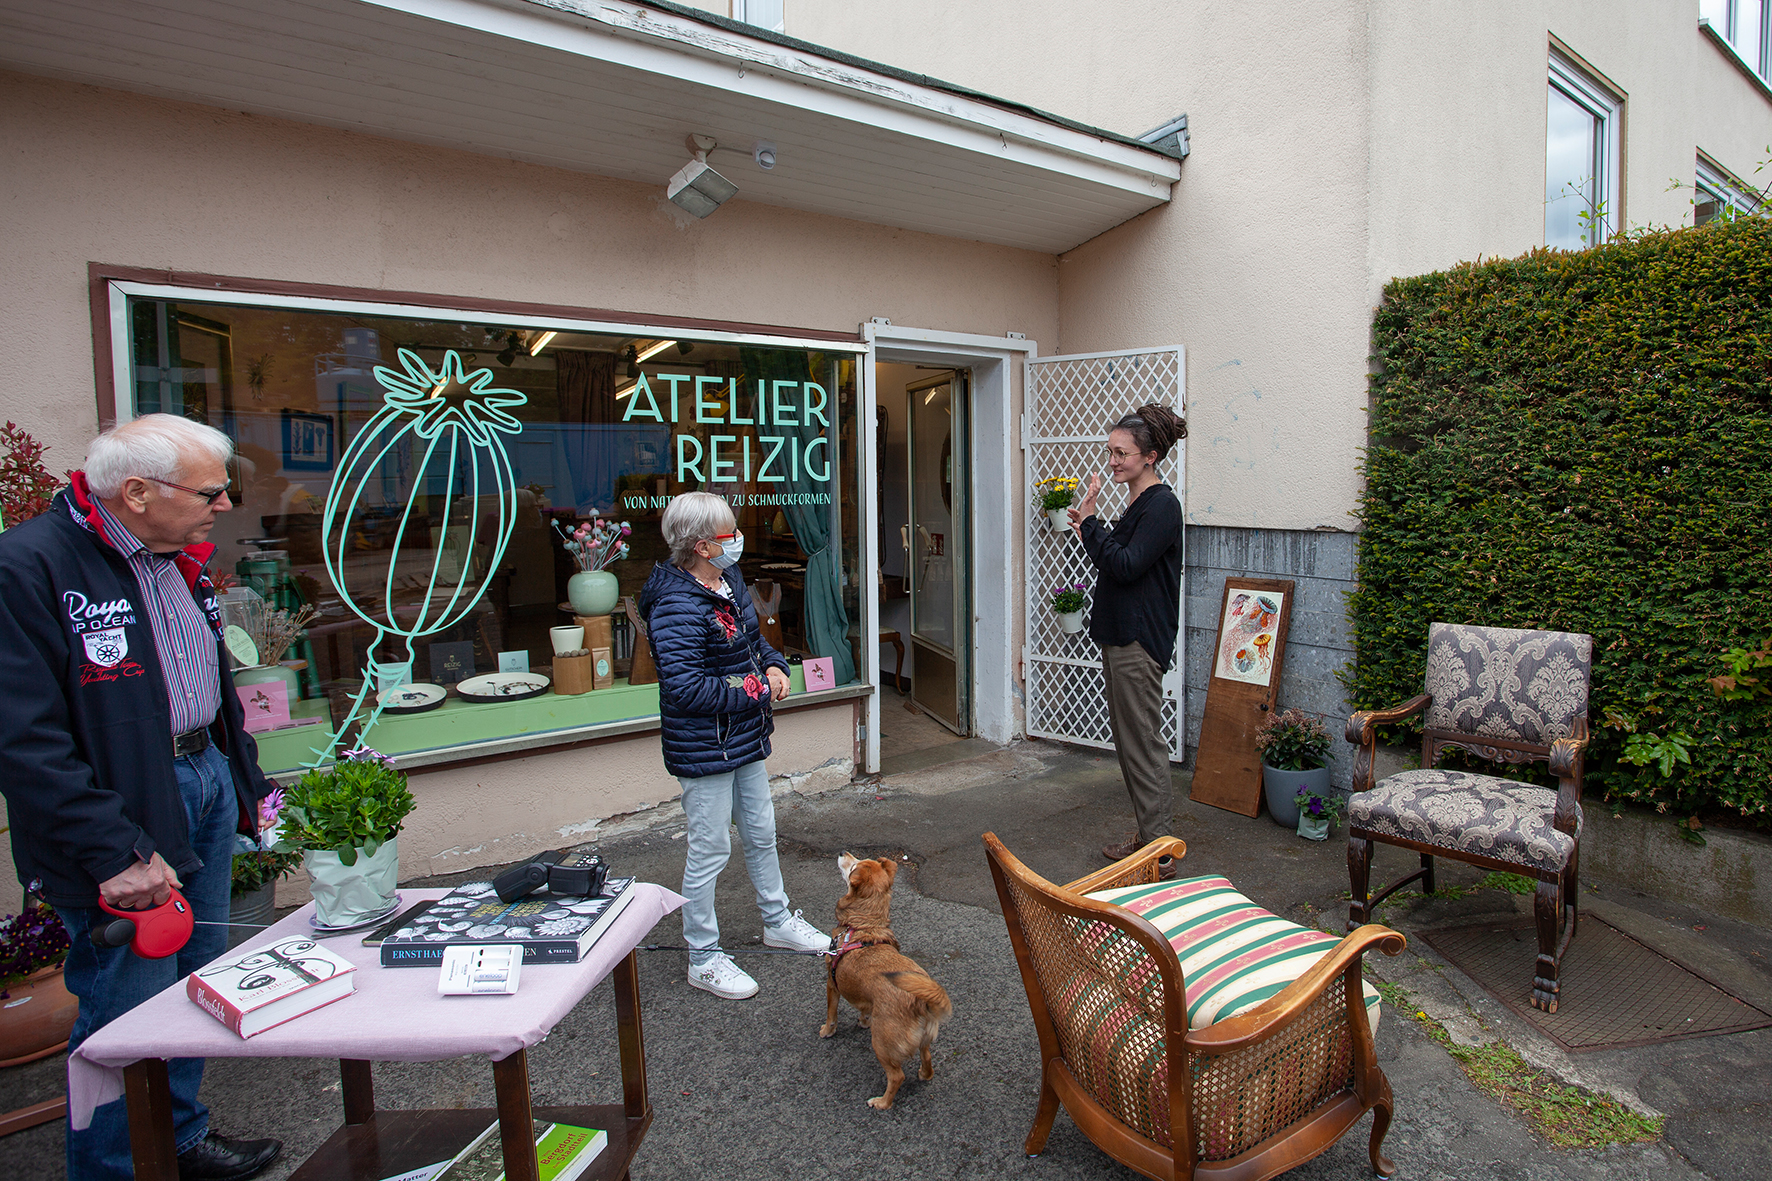 16./17.5.2020, Botanischer Schmuck, Hildesheim Foto: Kevin Momoh